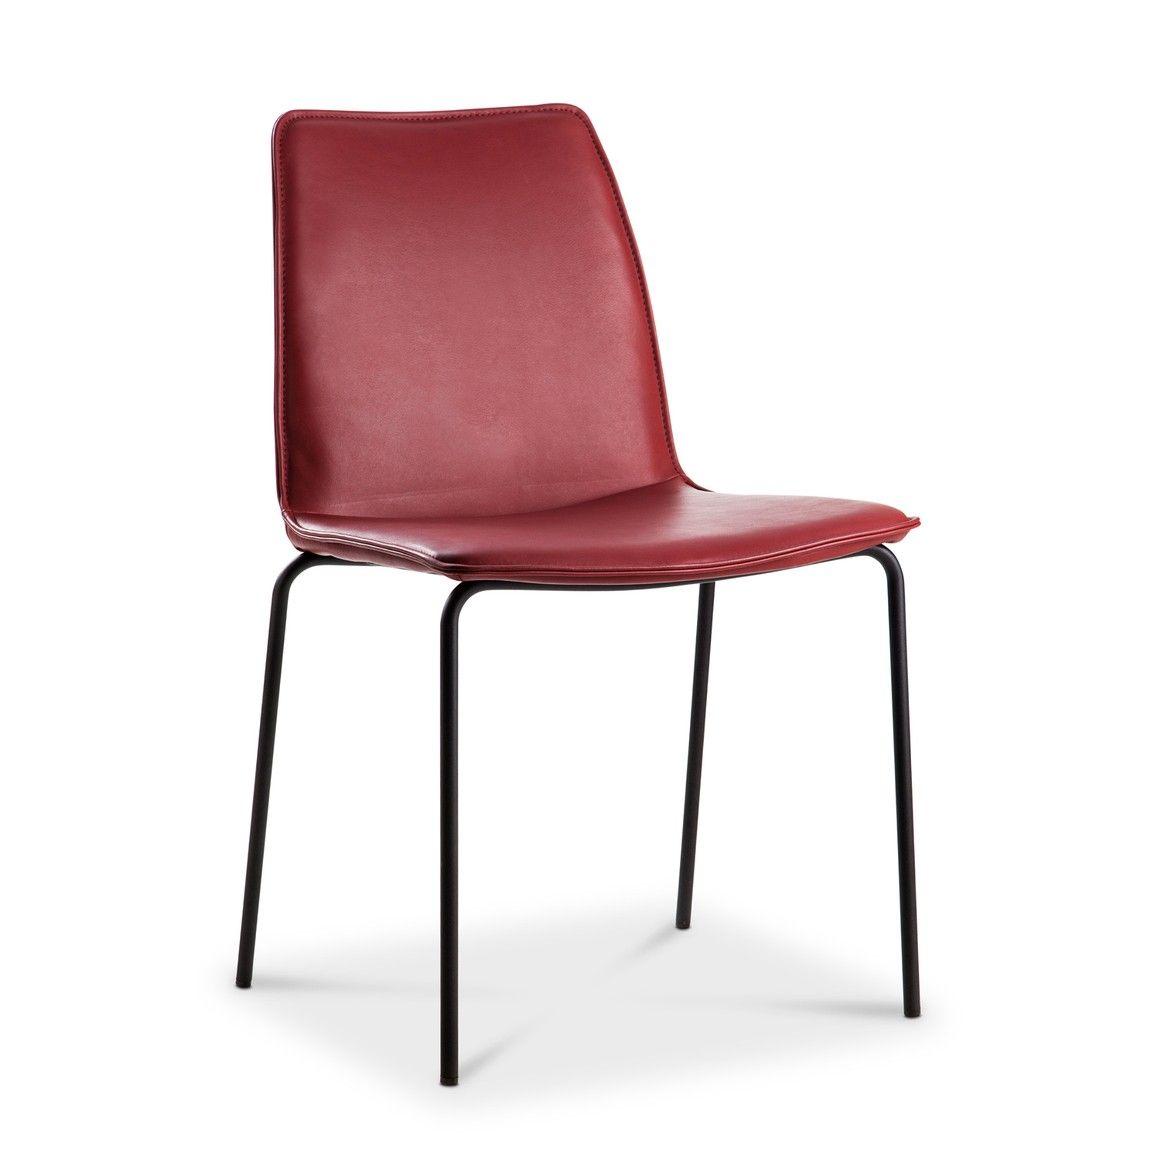 Full Size of Stuhl Chelsea Esstischstühle Esstische Esstischstühle